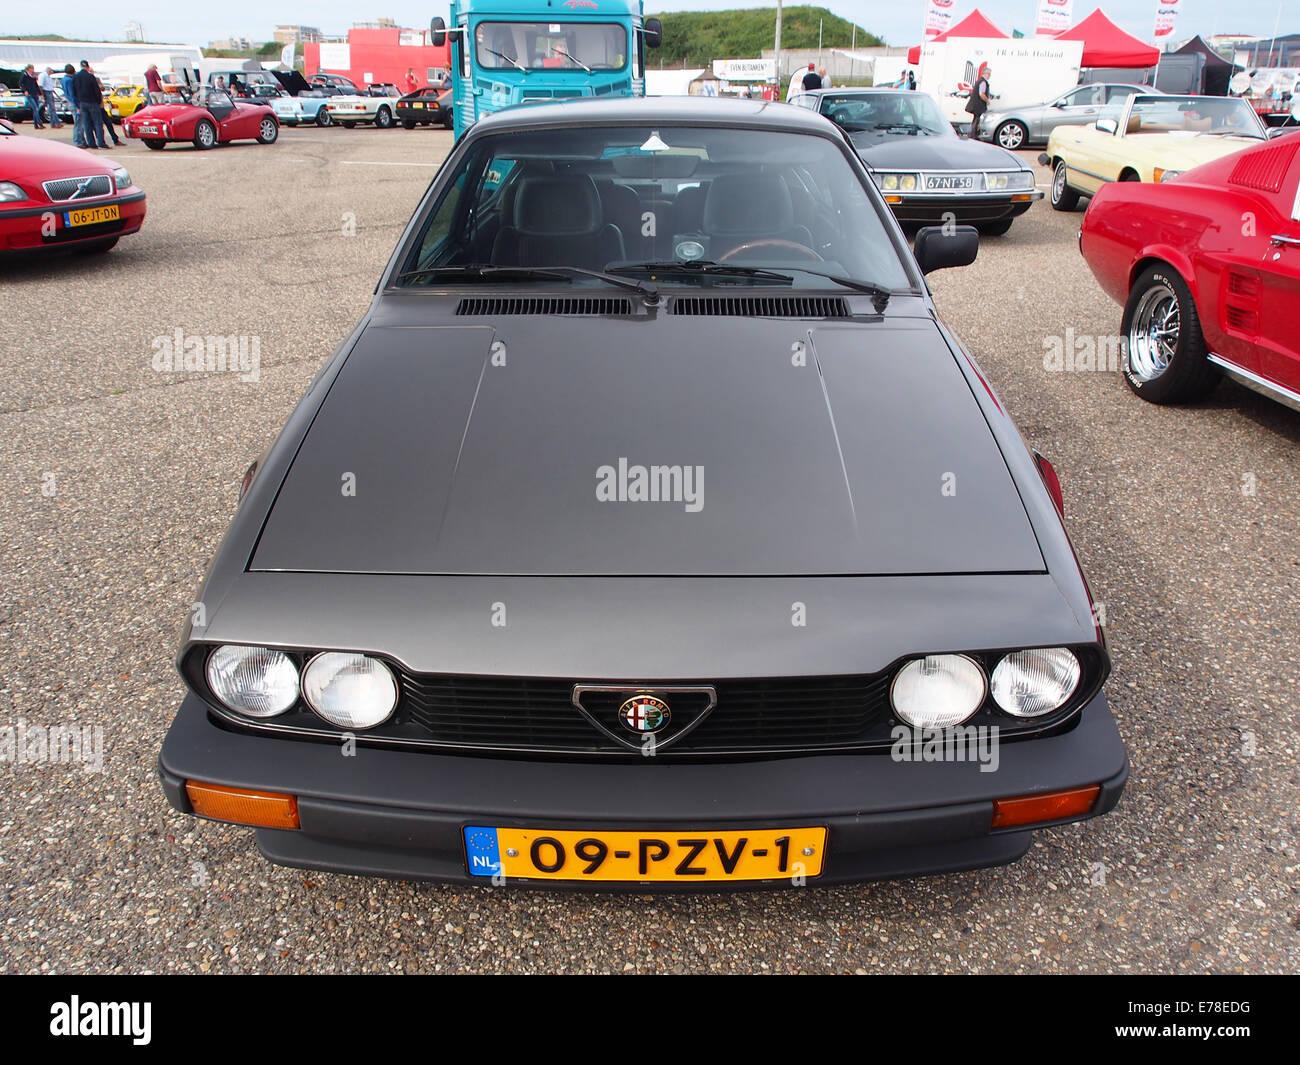 1984 ALFA ROMEO GTV2.0, Lizenz 09-PZV-1, pic2 Stockbild